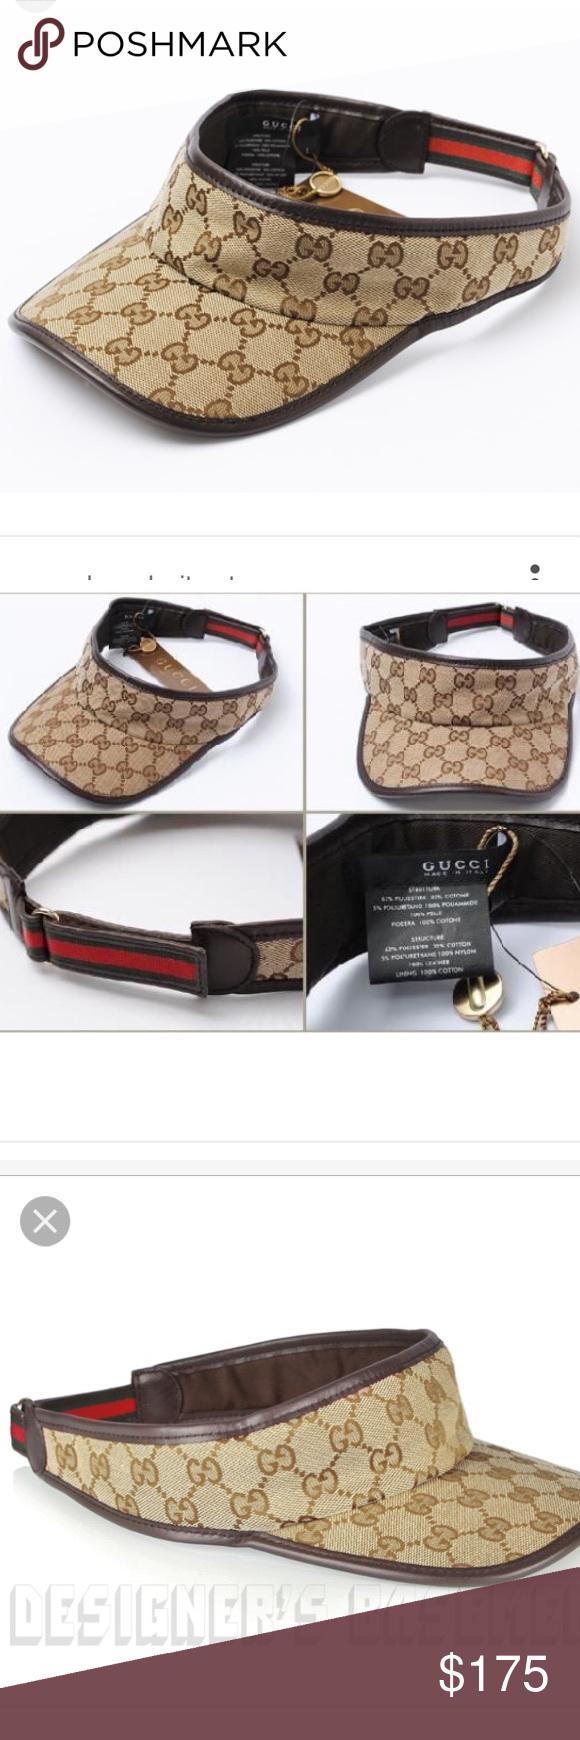 1a541608e4a Gucci visor cap New   authentic M Brand new Gucci visor